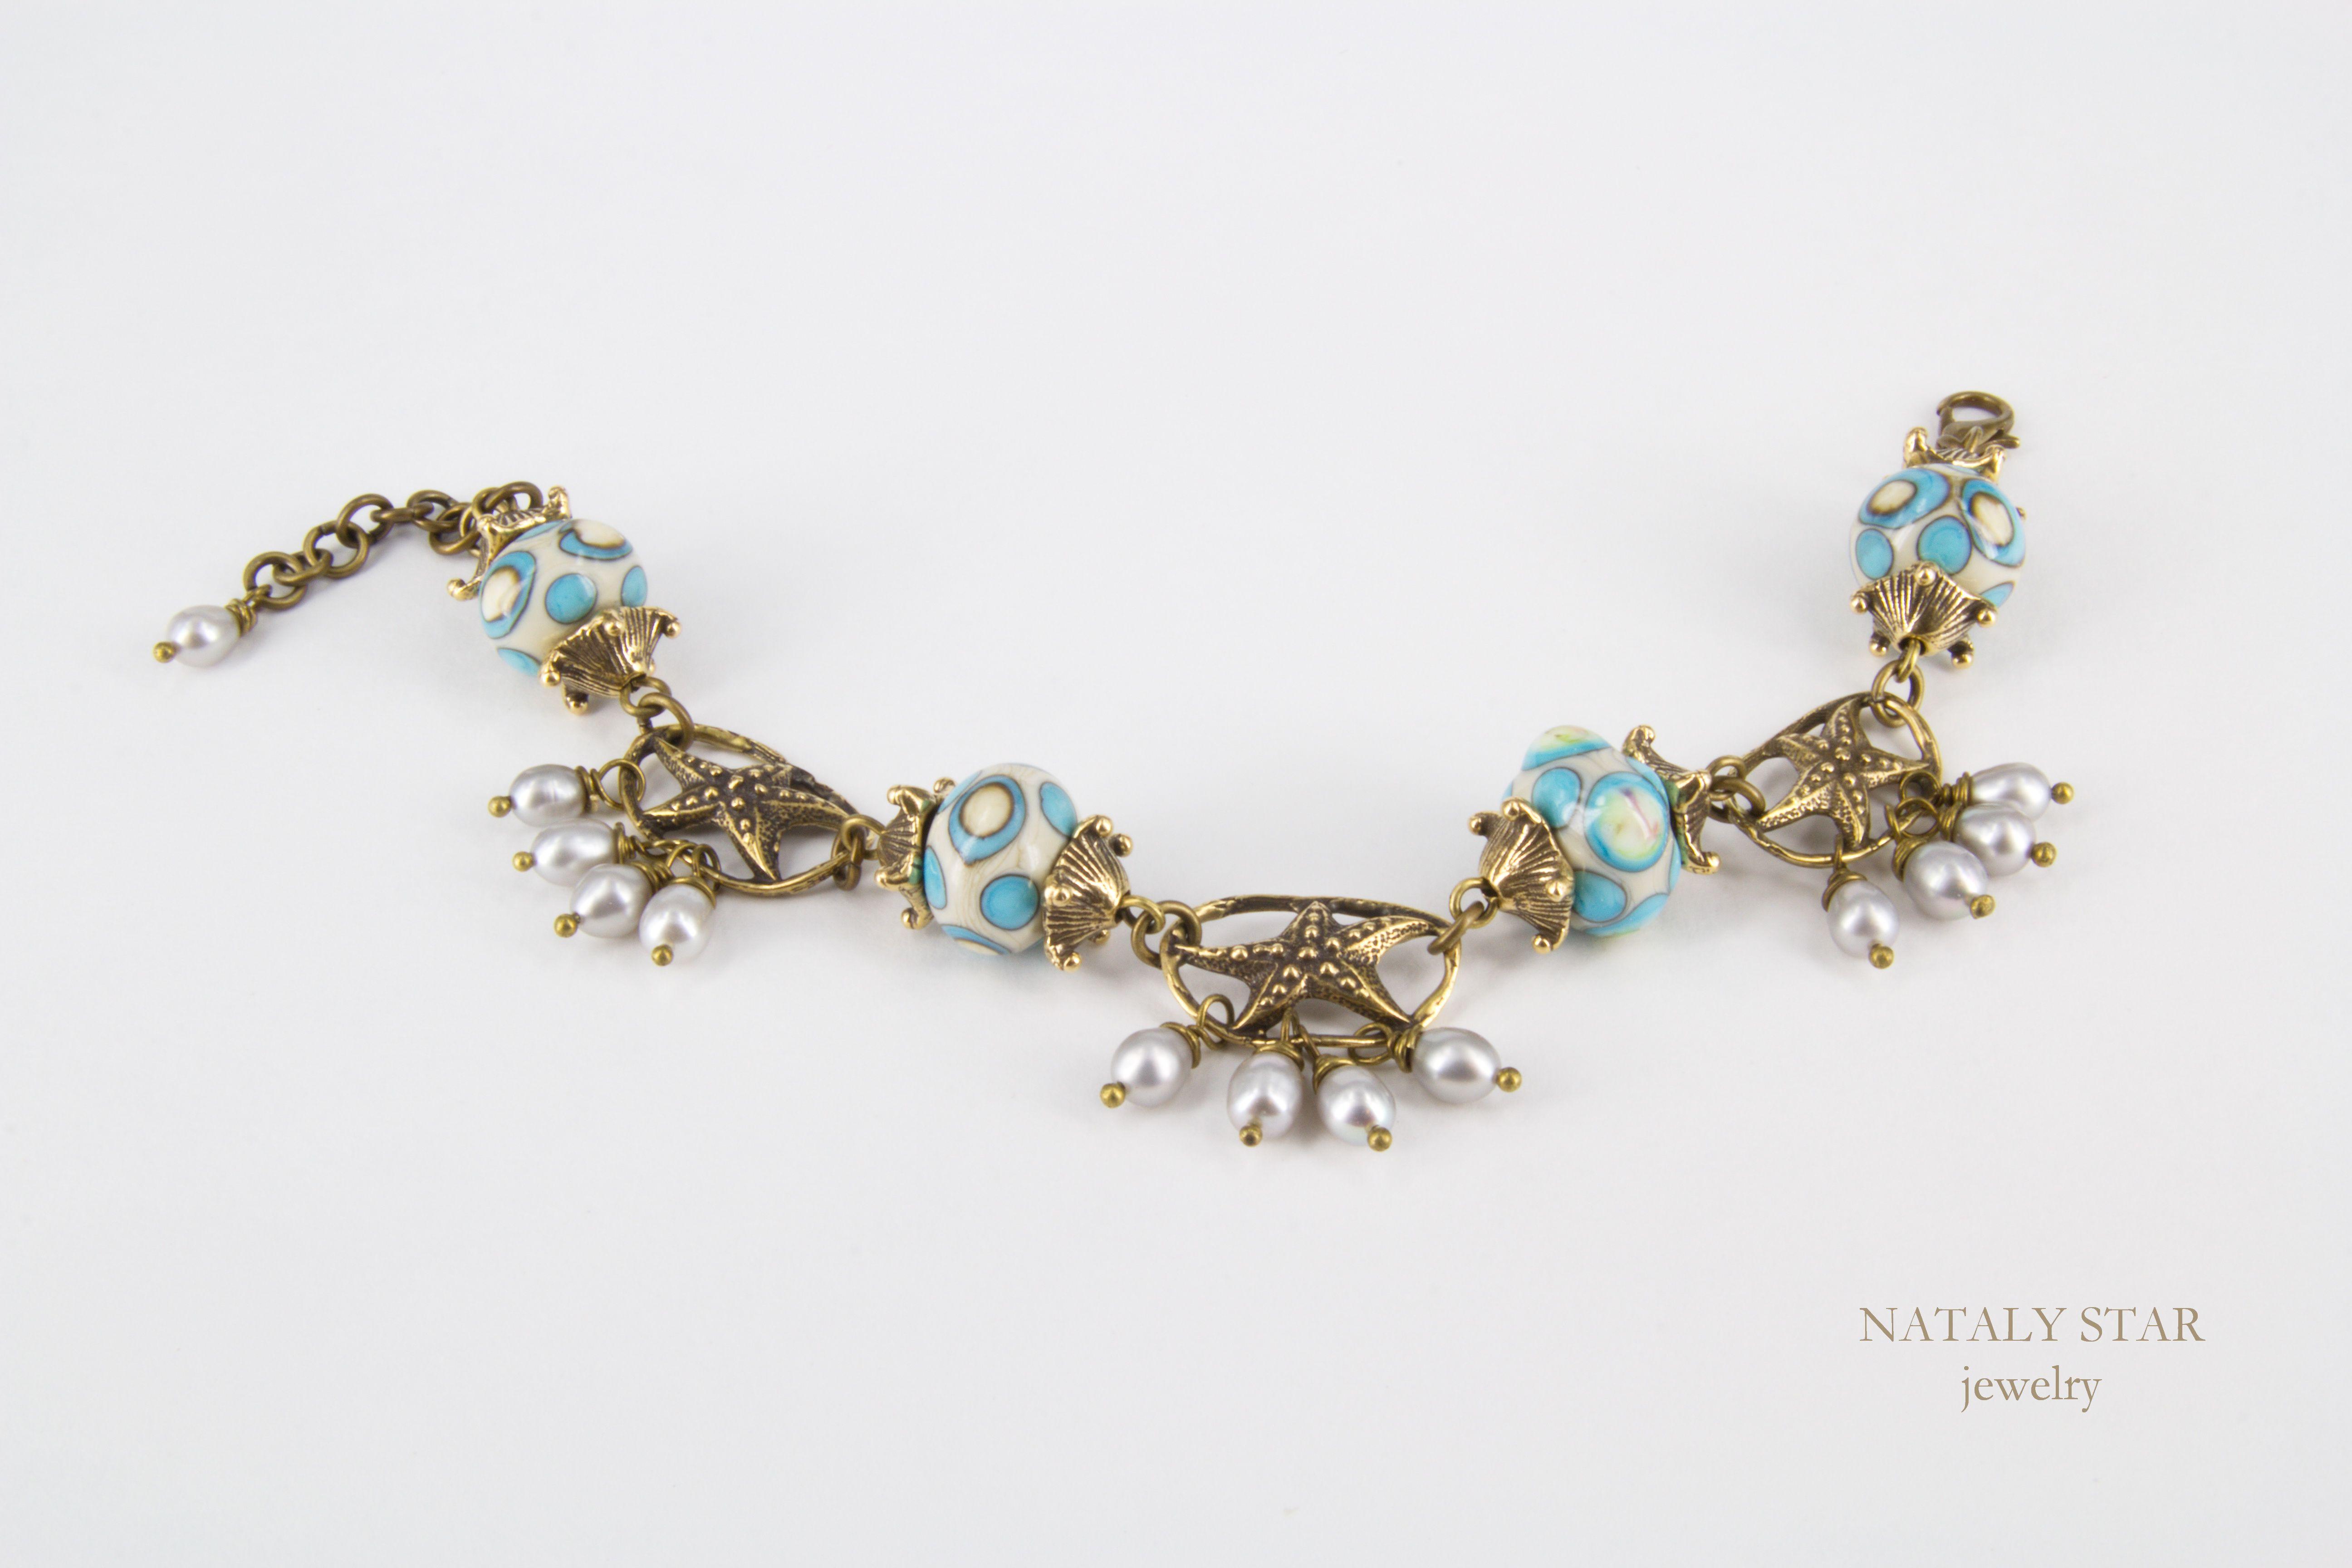 авторская подарок браслет жемчуг бусины украшение авторской речной латунная фурнитура лэмпворк